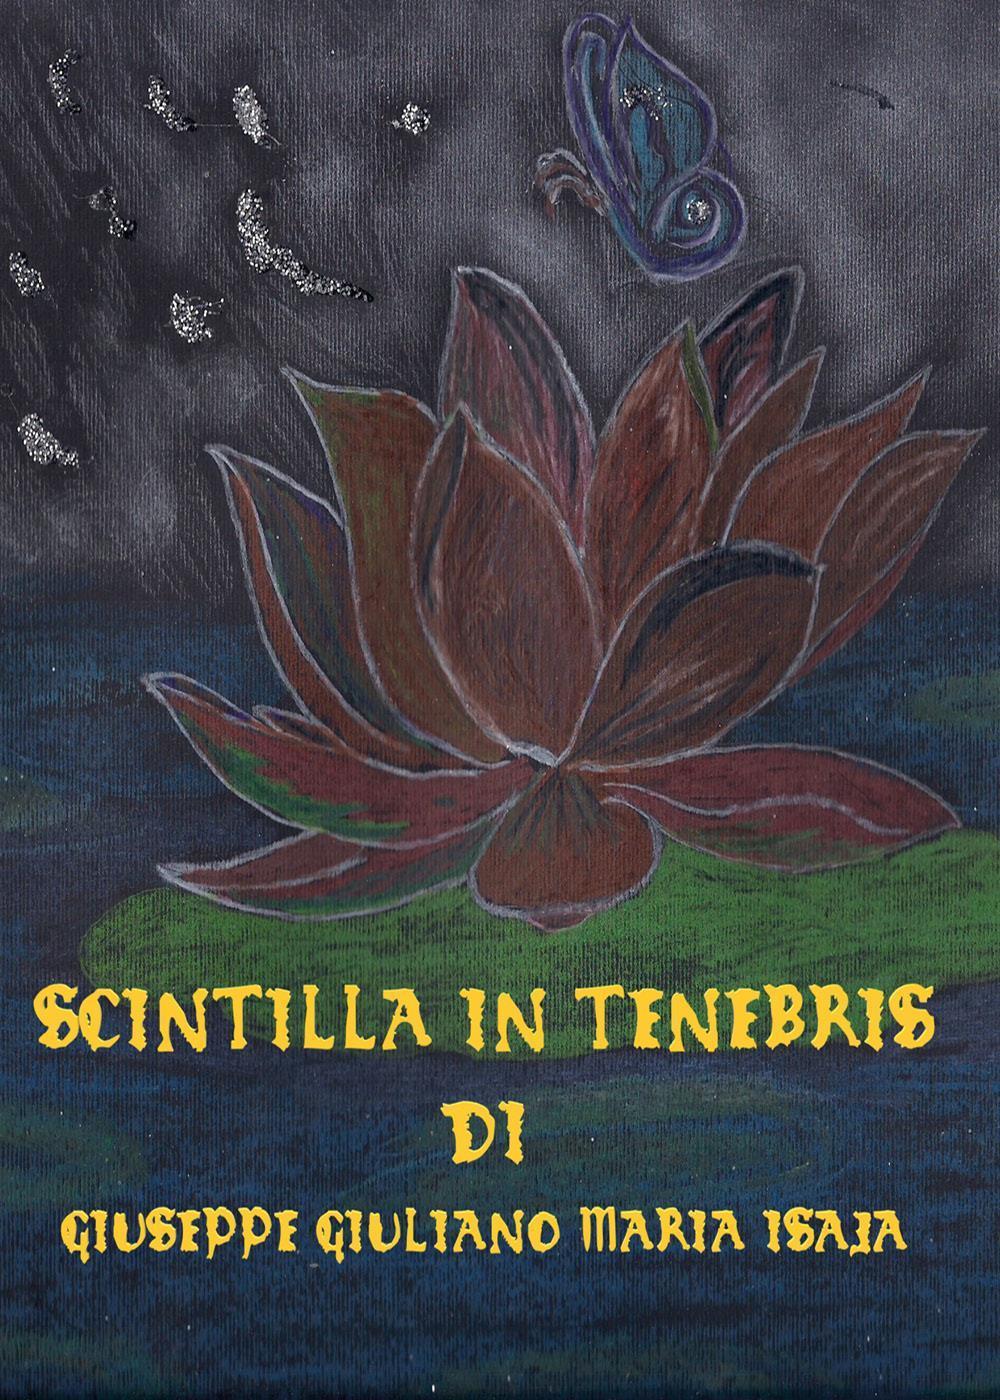 Scintilla in tenebris